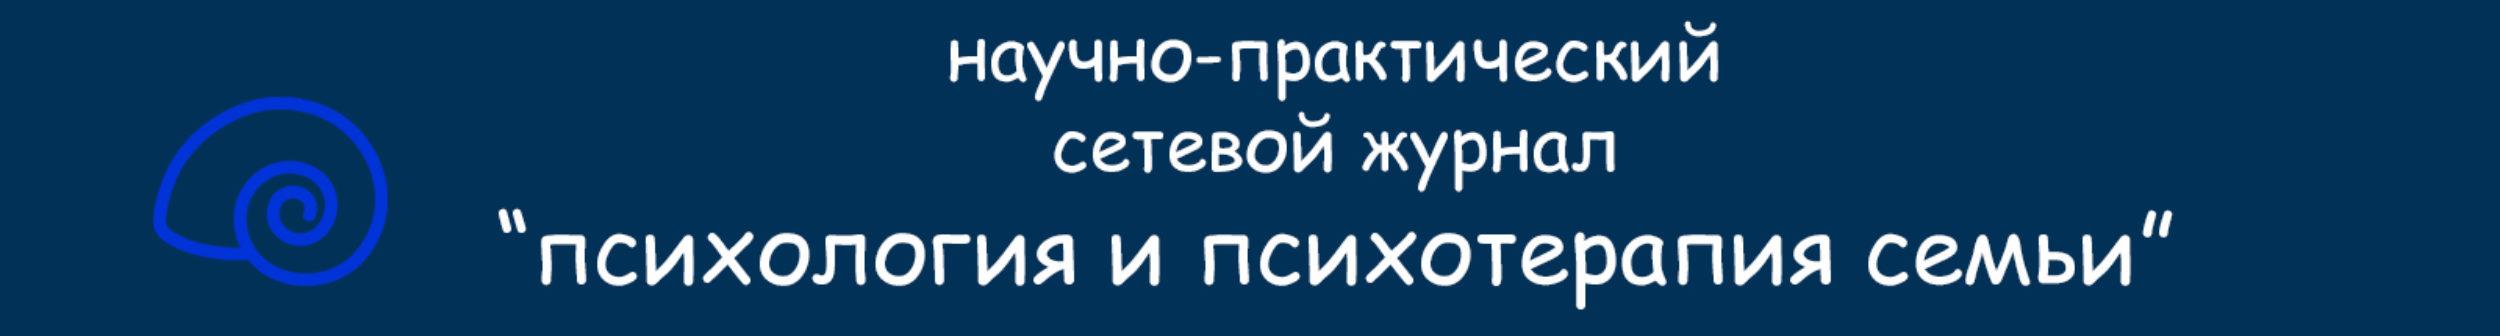 """журнал """"Психология и психотерапия семьи"""""""